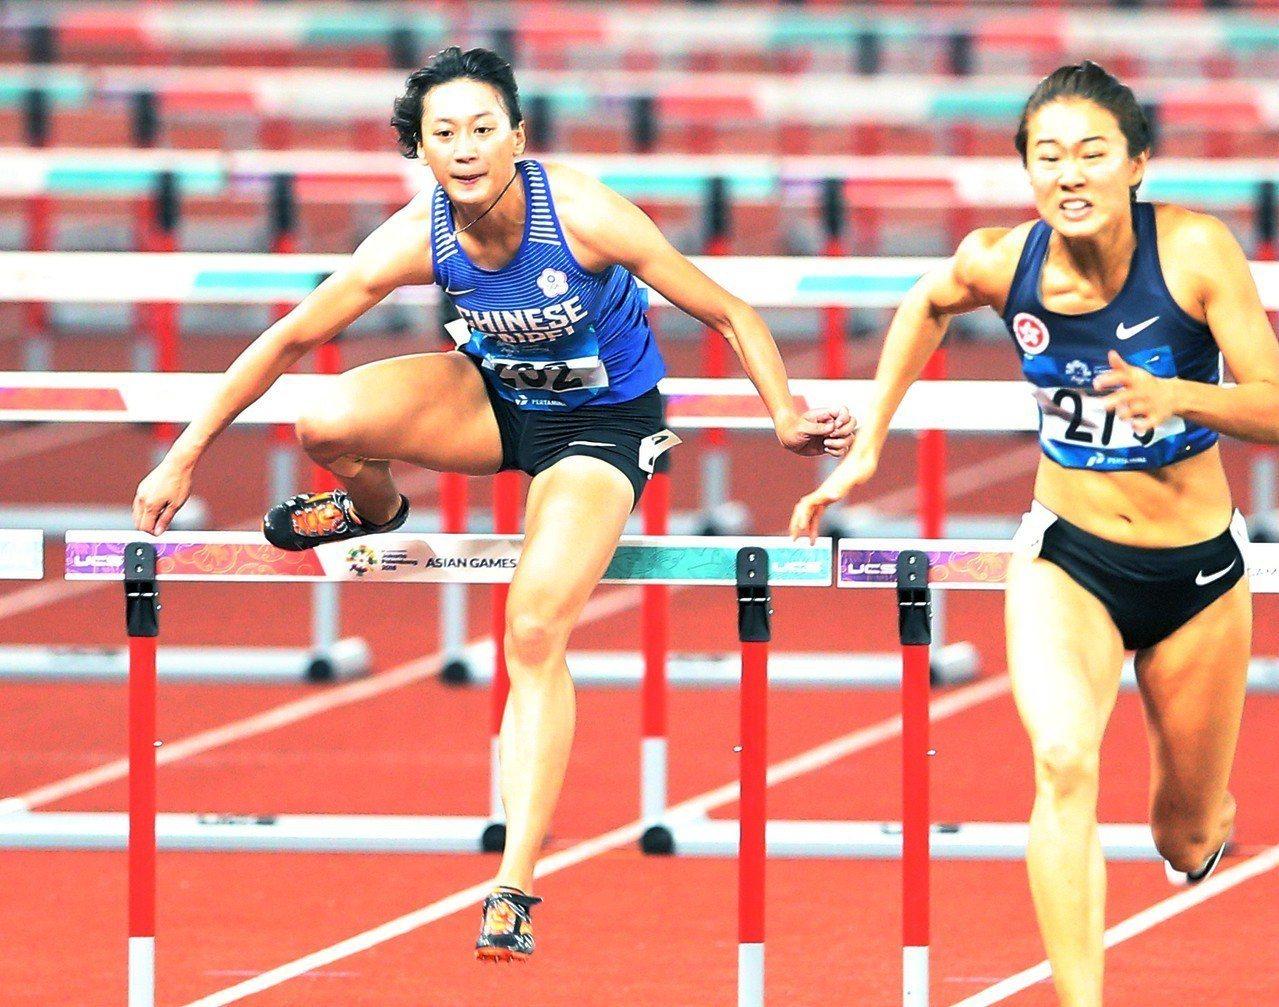 謝喜恩(左)受傷勢影響,在女子100公尺跨欄決賽排名墊底。特派記者陳正興/雅加達...